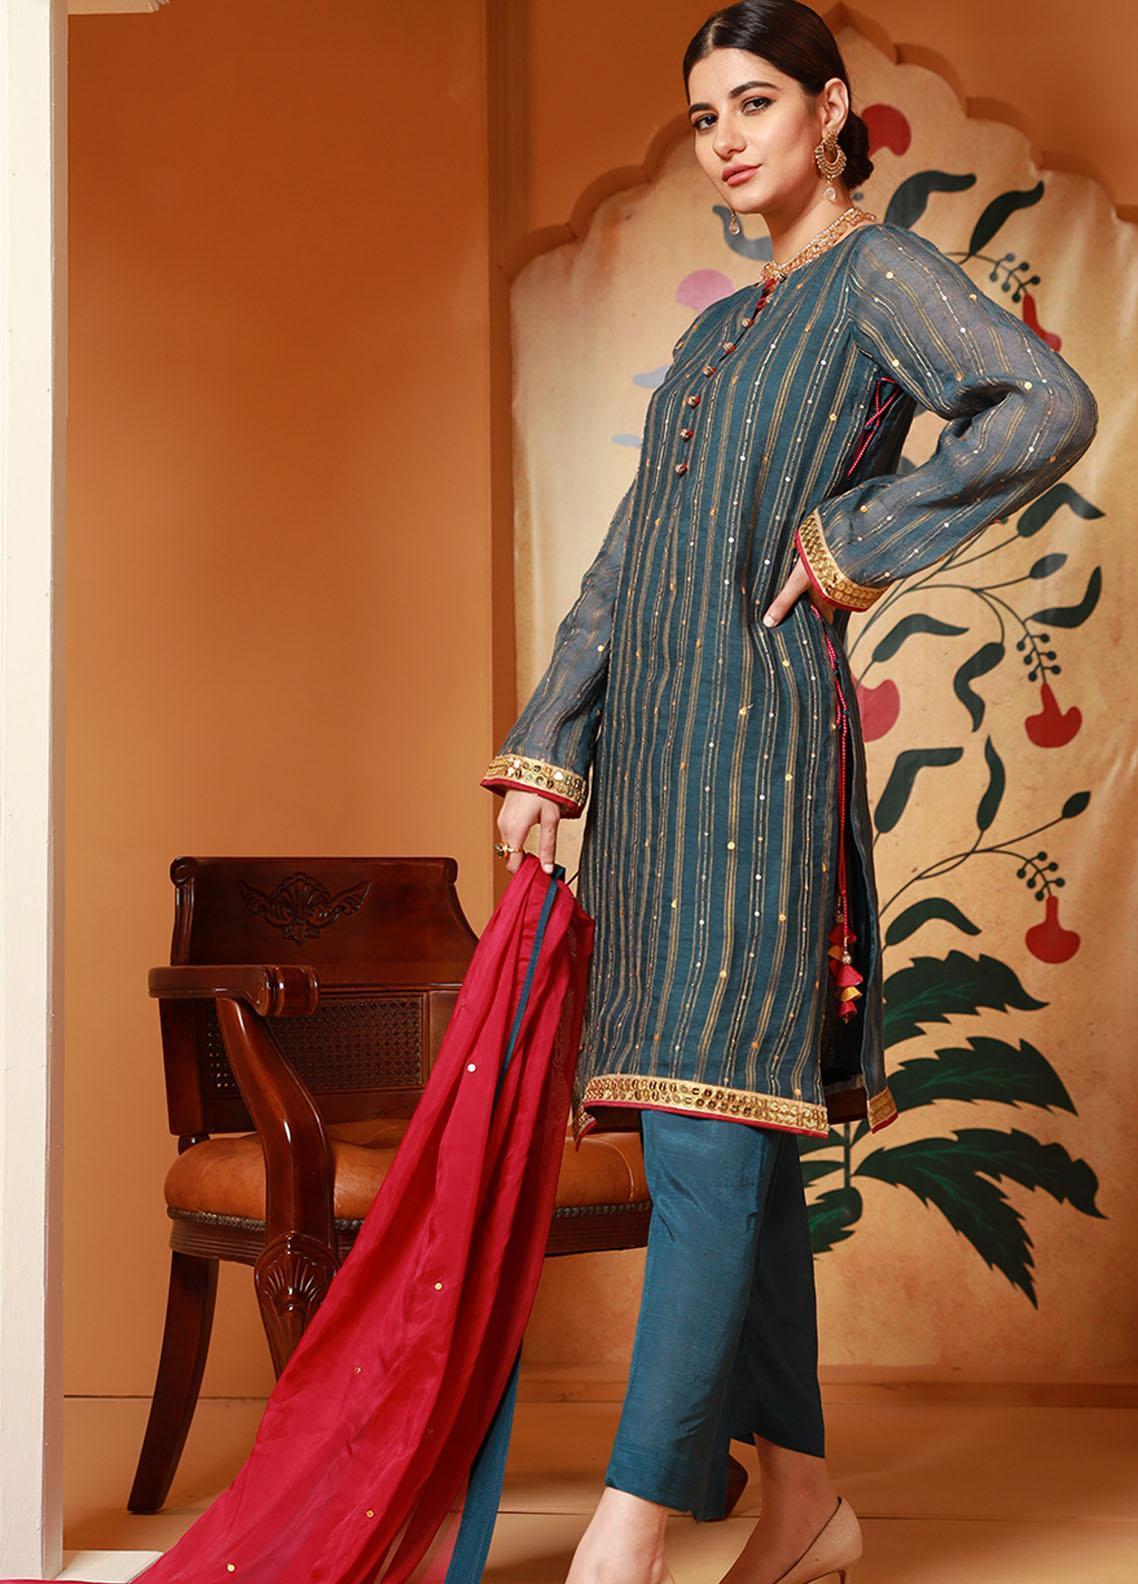 Zaaviay Luxury Pret Embroidered Cotton Net 3 Piece Dress Sassi